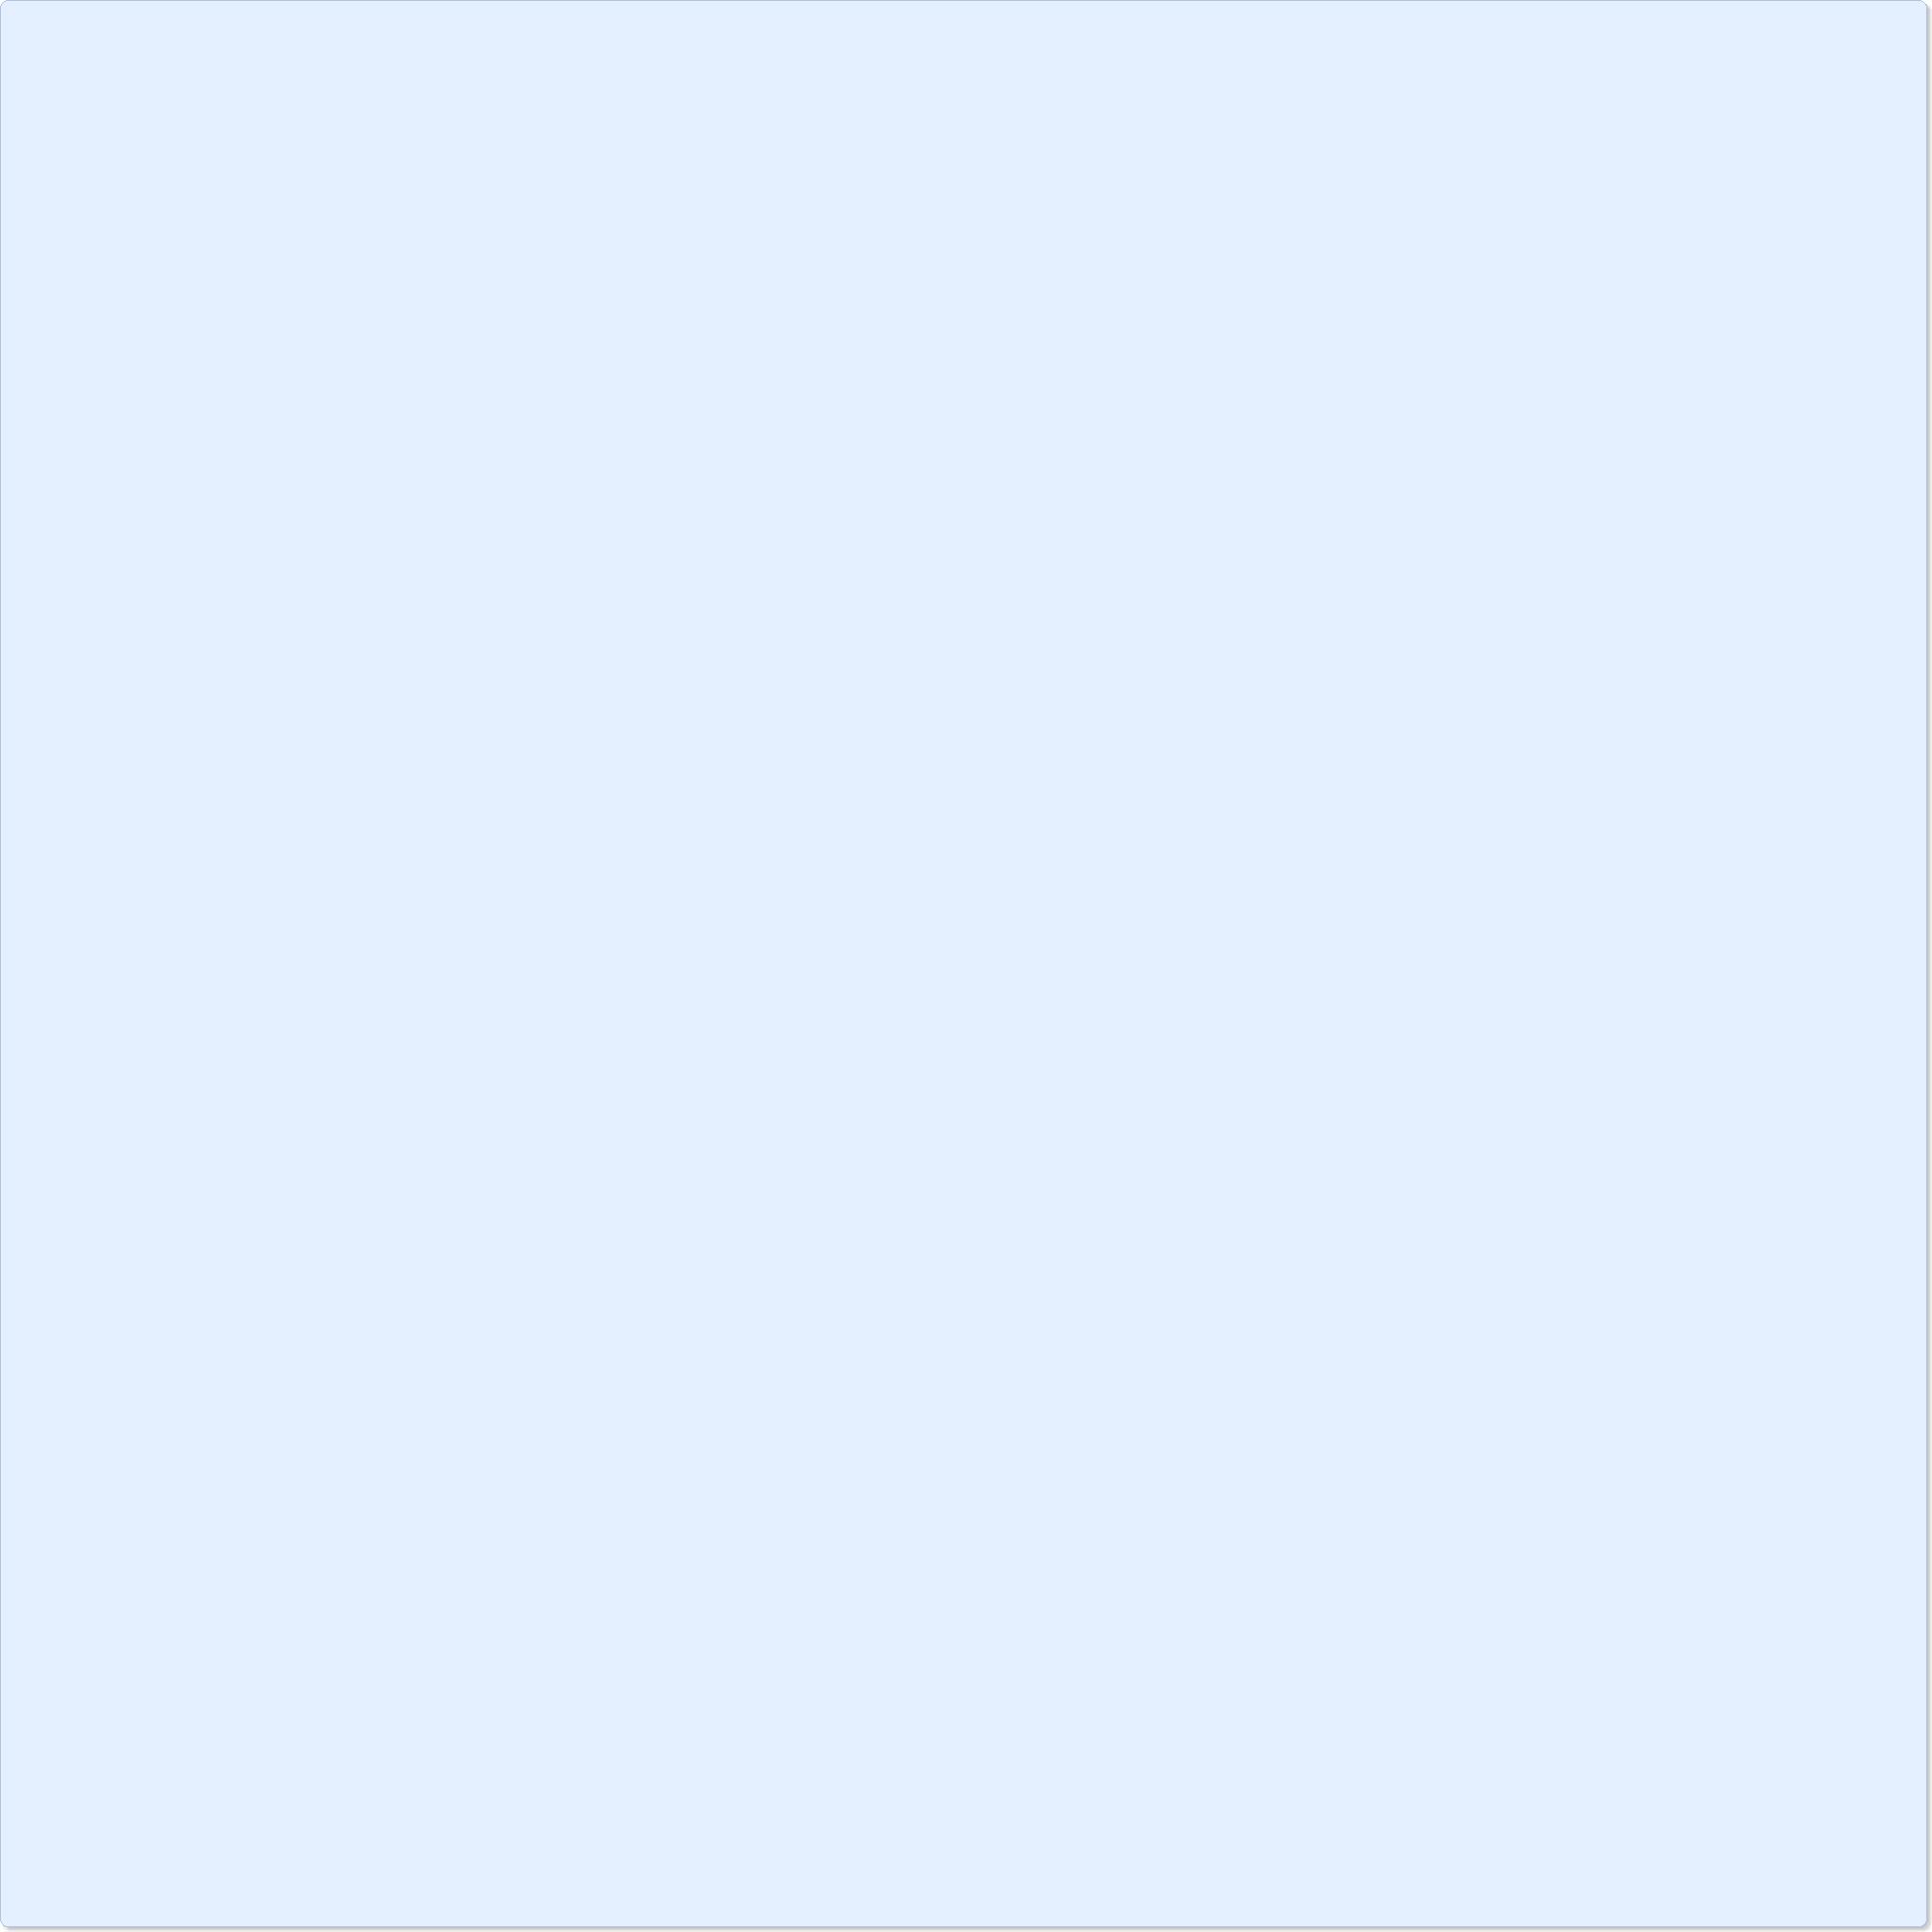 Taille de limage background css - La Taille Des Crans S Agrandissant J Ai Tabl Sur Une Largeur D Environ 2000 Pixels La Hauteur En Faisant Autant Bien Entendu Si Vous Pensez